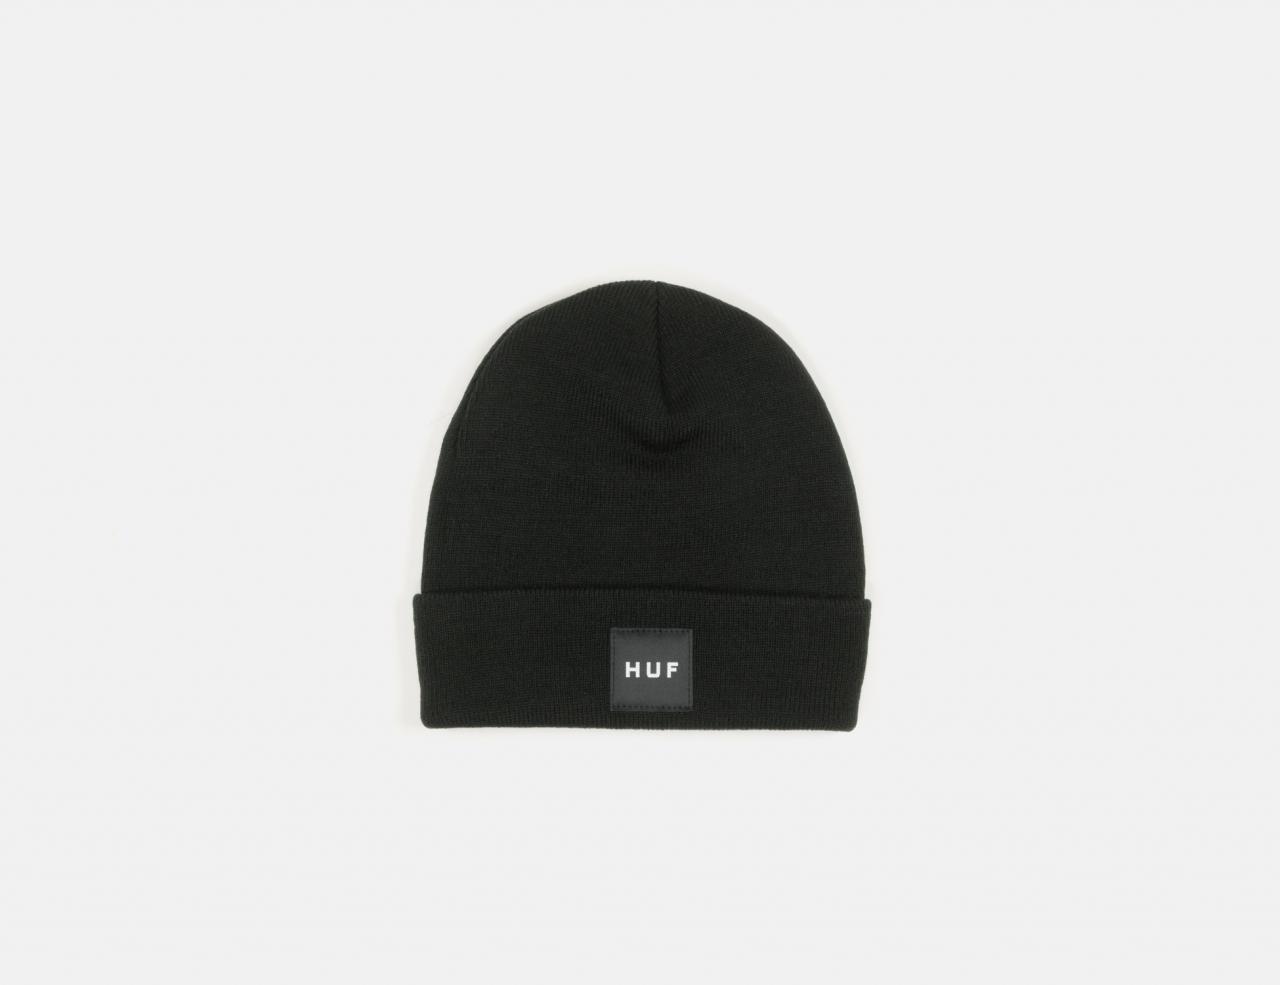 HUF Box Logo Beanie - Black